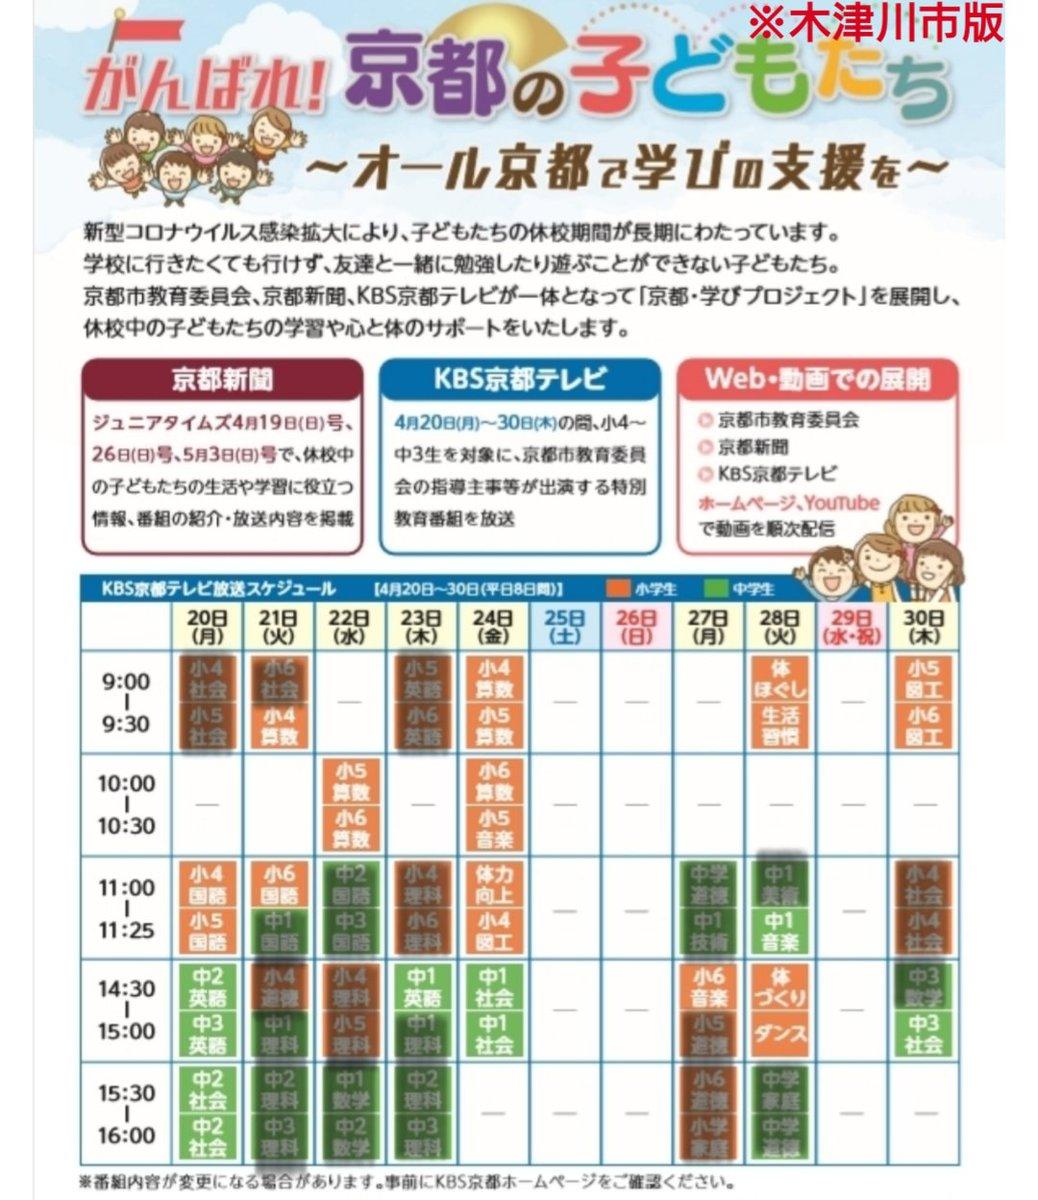 がんばれ京都の子供たち